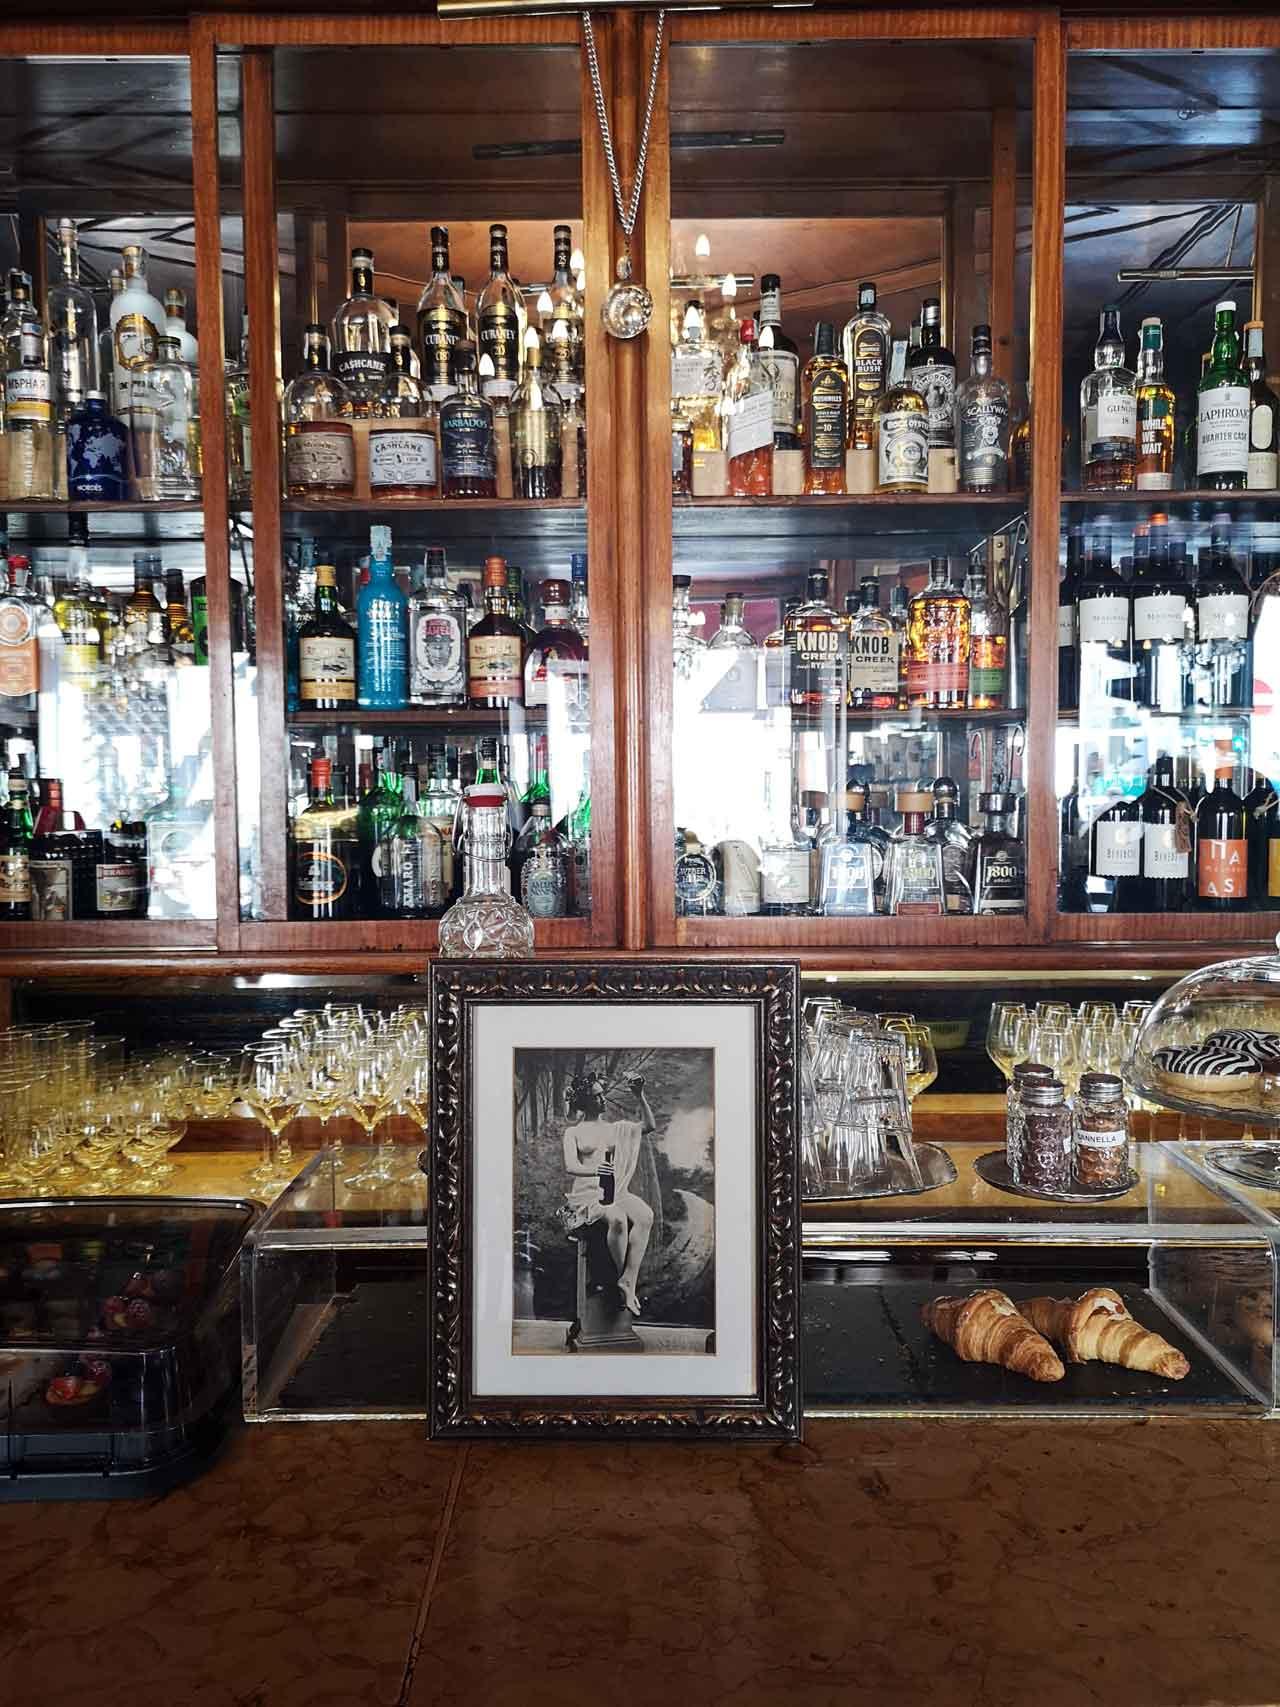 caffe-torinese a Trieste